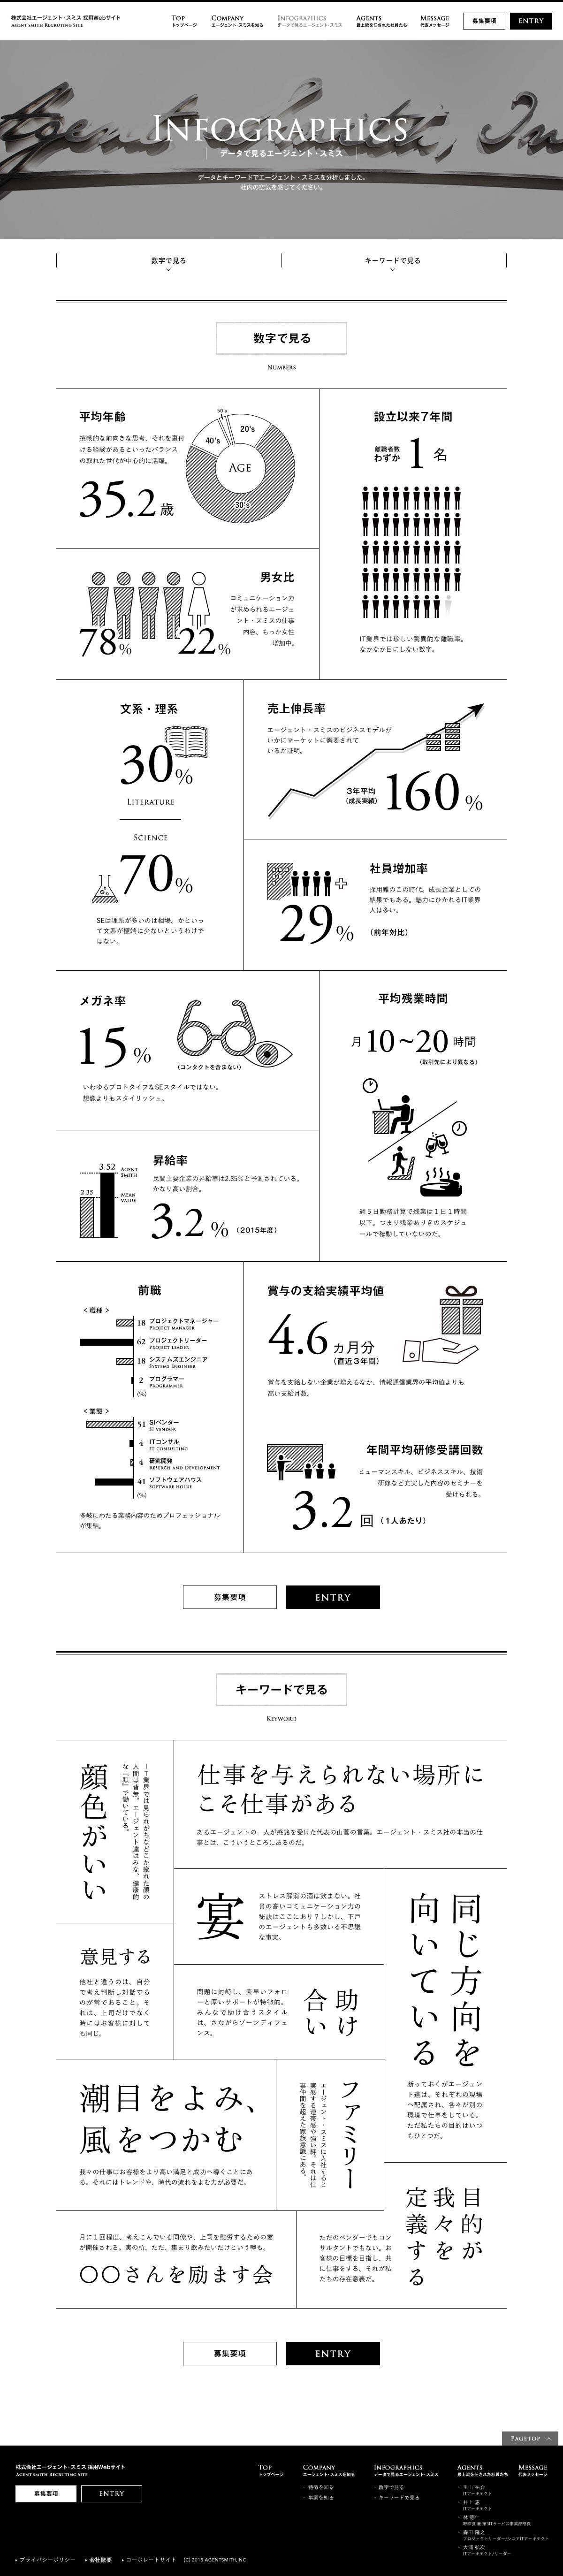 03_infographics